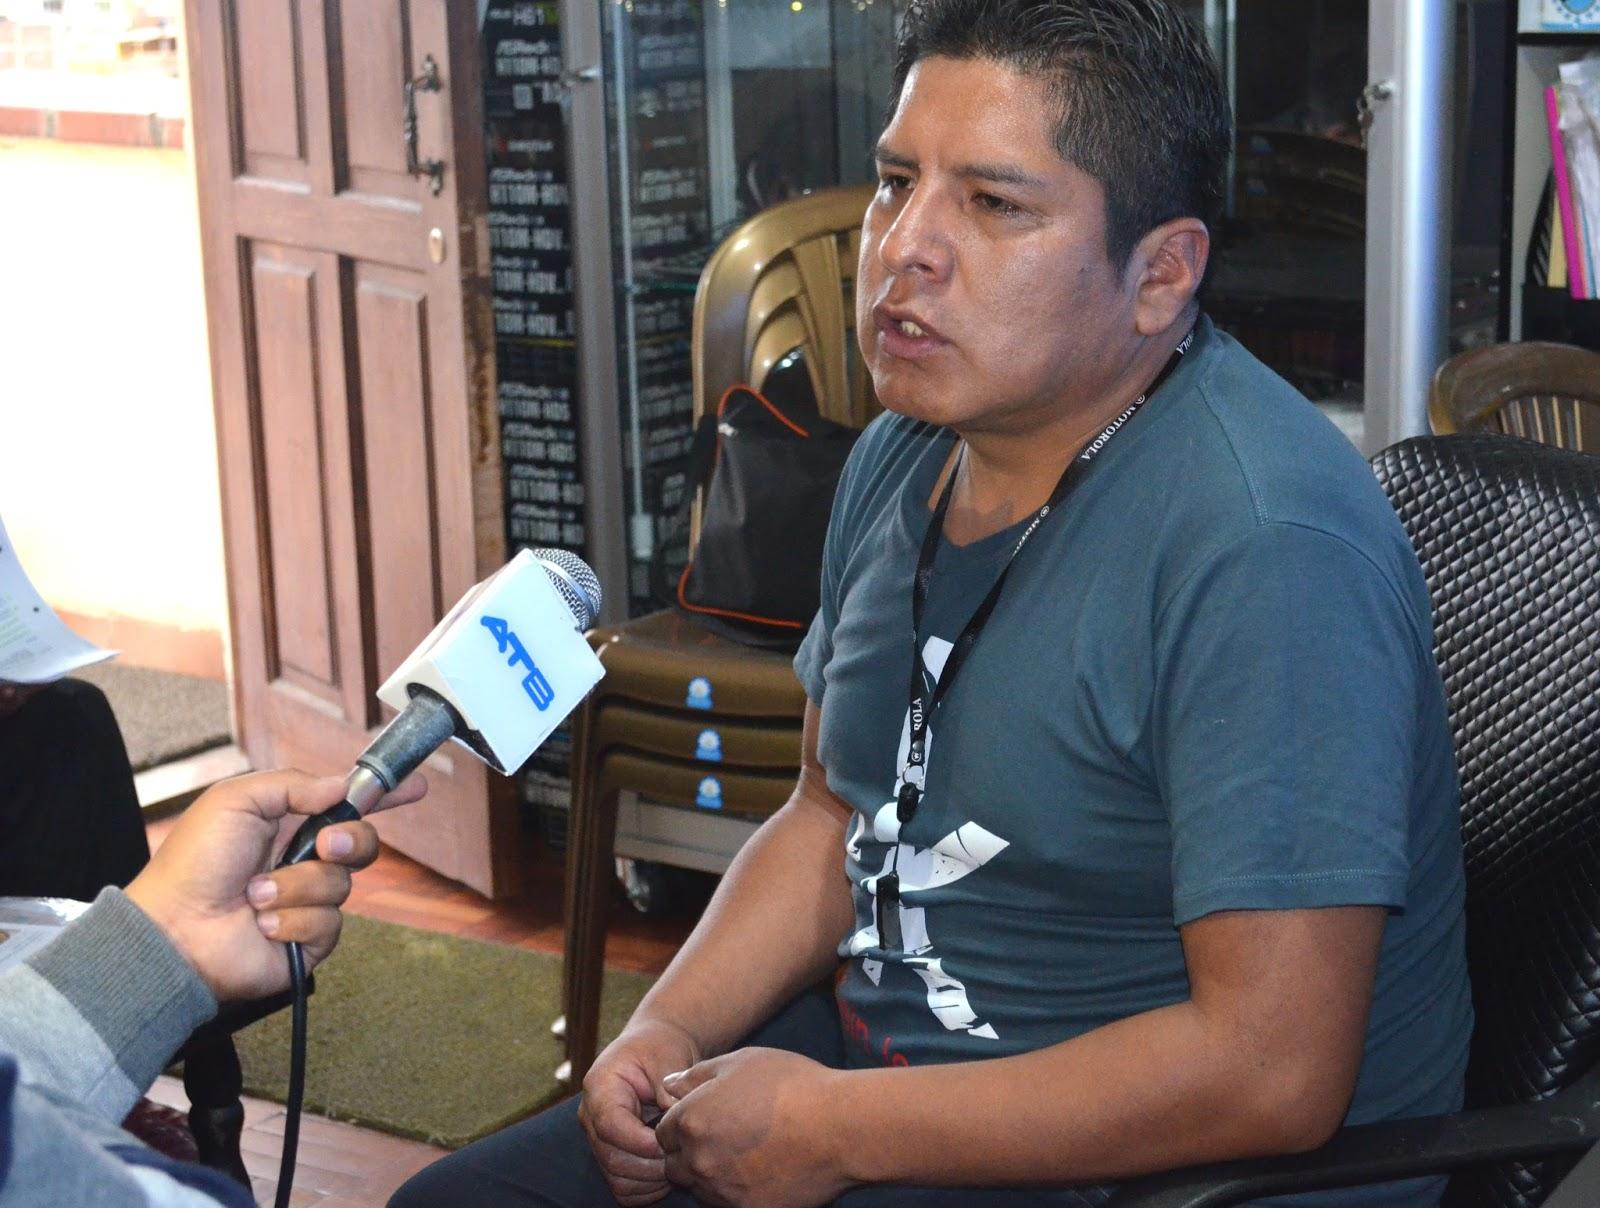 Grover Suntura promotor de proyectos tecnológicos / ALBERTO MEDRANO